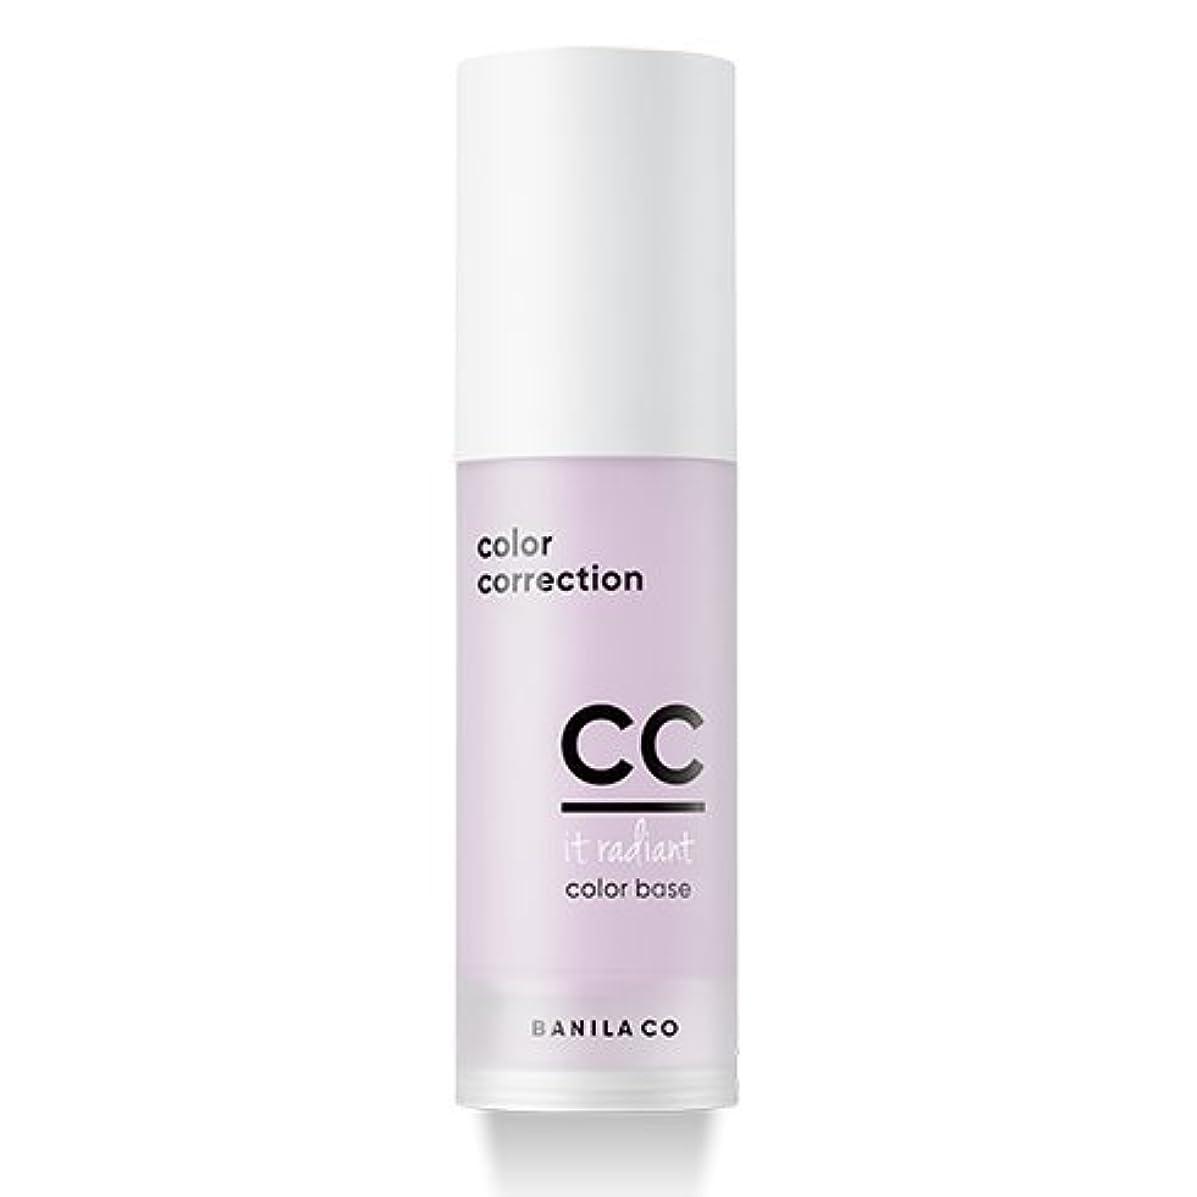 うれしい排出約BANILA CO It Radiant CC Color Base 30ml/バニラコ イット ラディアント CC カラー ベース 30ml (#Lavender) [並行輸入品]